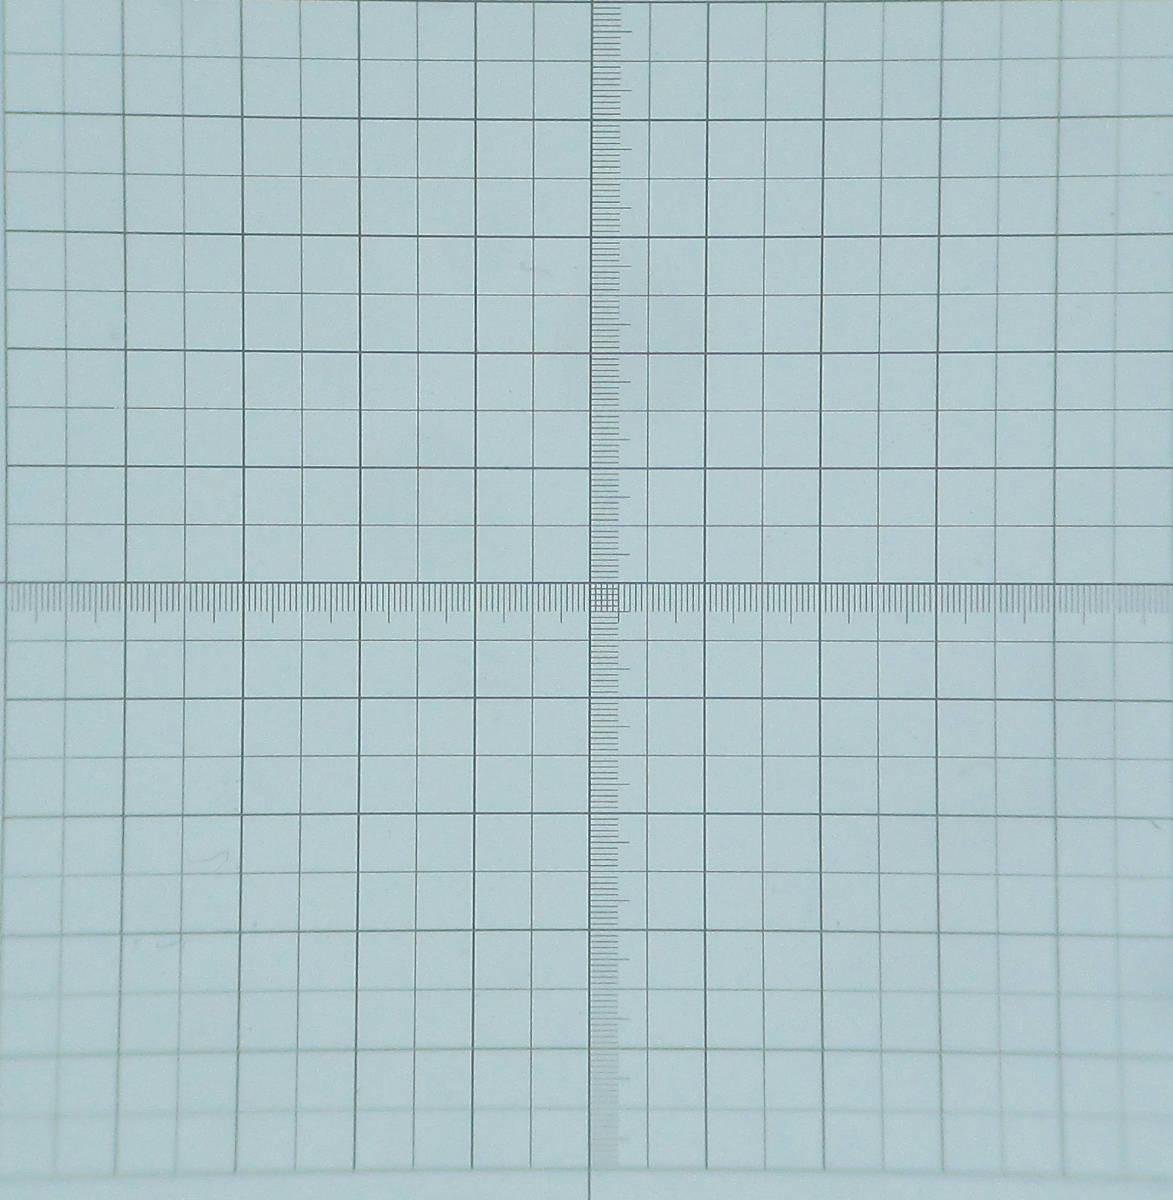 Kosn 24mmアッベタイプオルソ 佛山市信光有限公司製造 性能評価チャート5枚付 ☆StarWorks_KSON24mmアッベオルソ